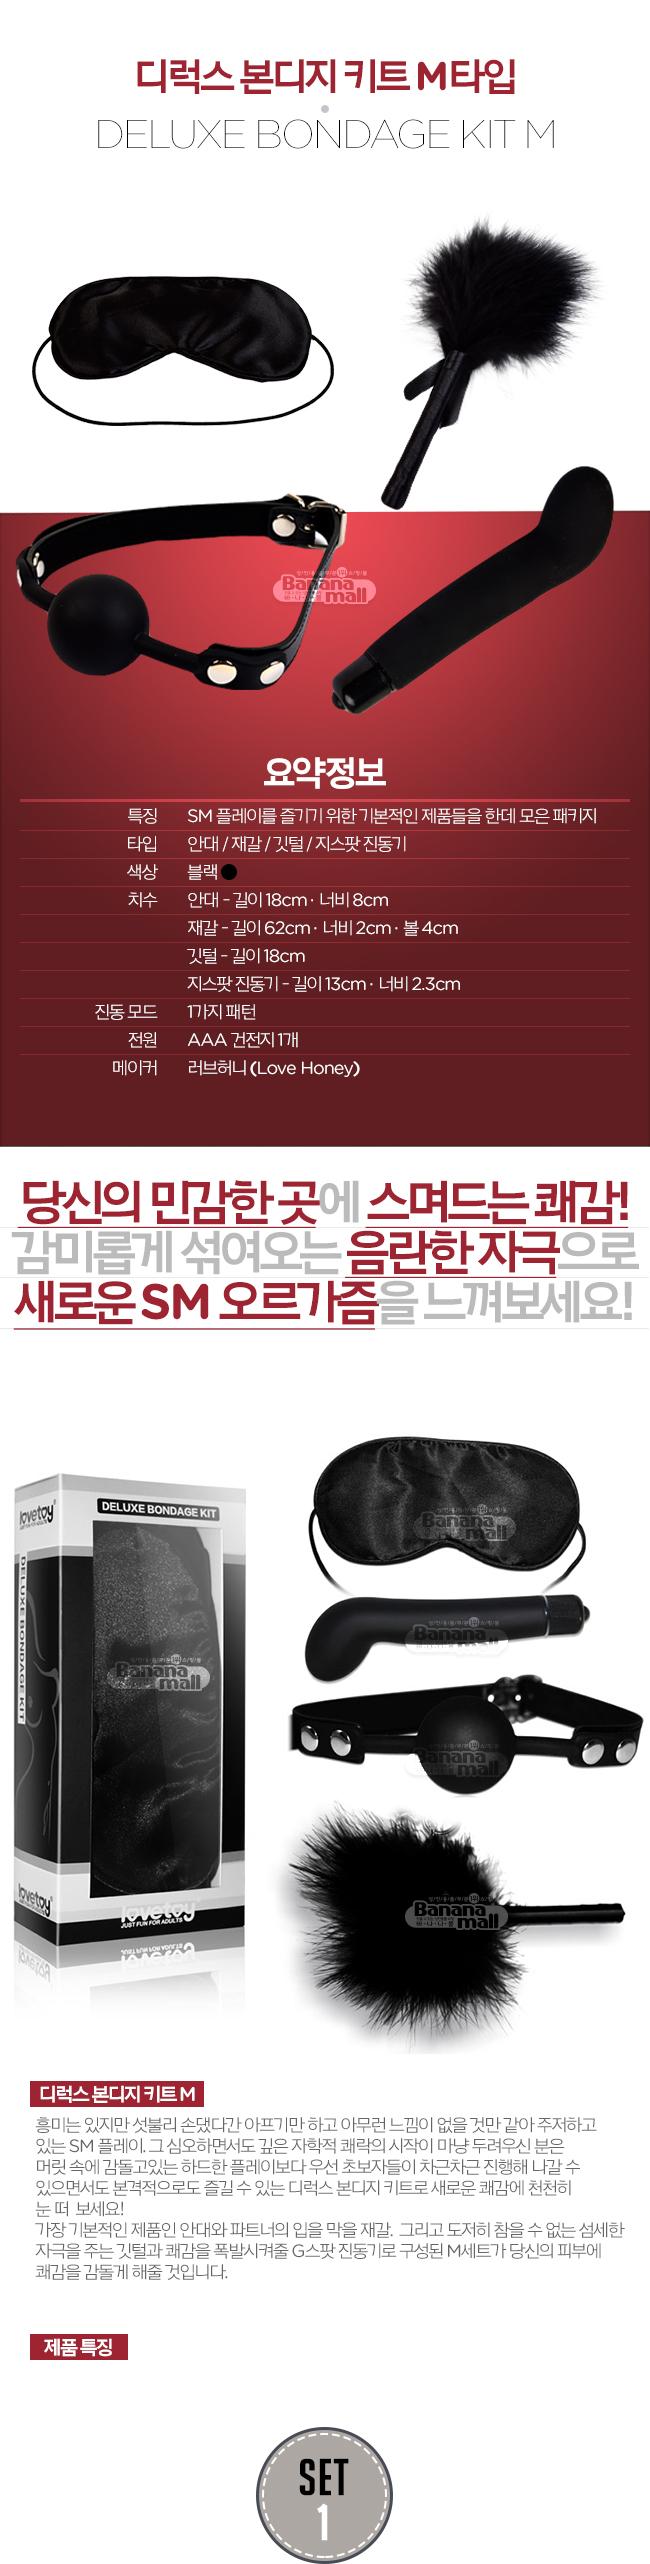 [본디지 세트] 디럭스 본디지 키트 M타입(Lovetoy Deluxe Bondage Kit M) - 러브토이(SM1013)